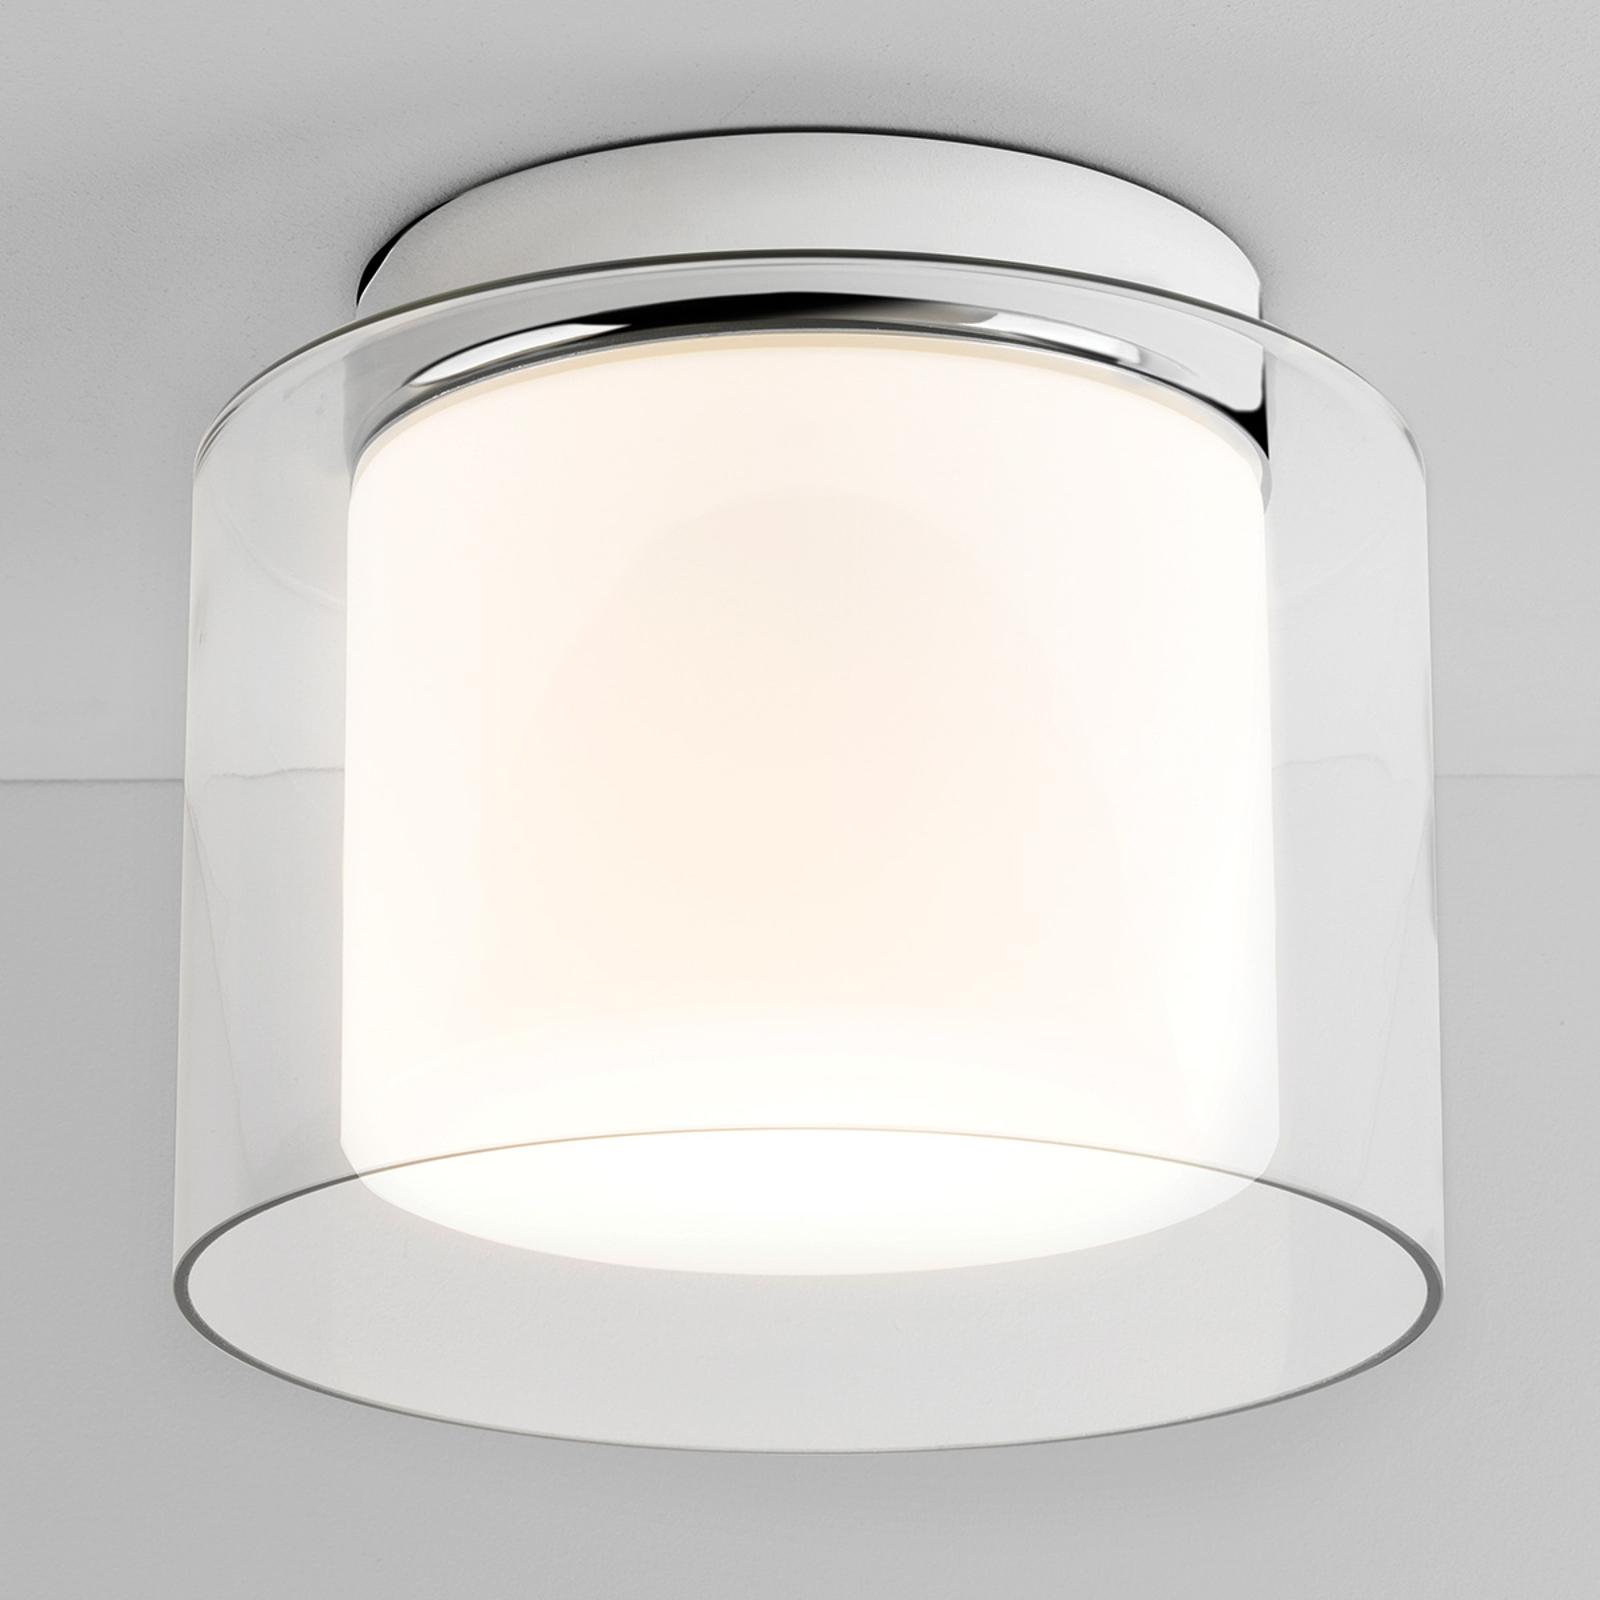 Astro Arezzo - stropné svietidlo, dvojito zasklené_1020391_1